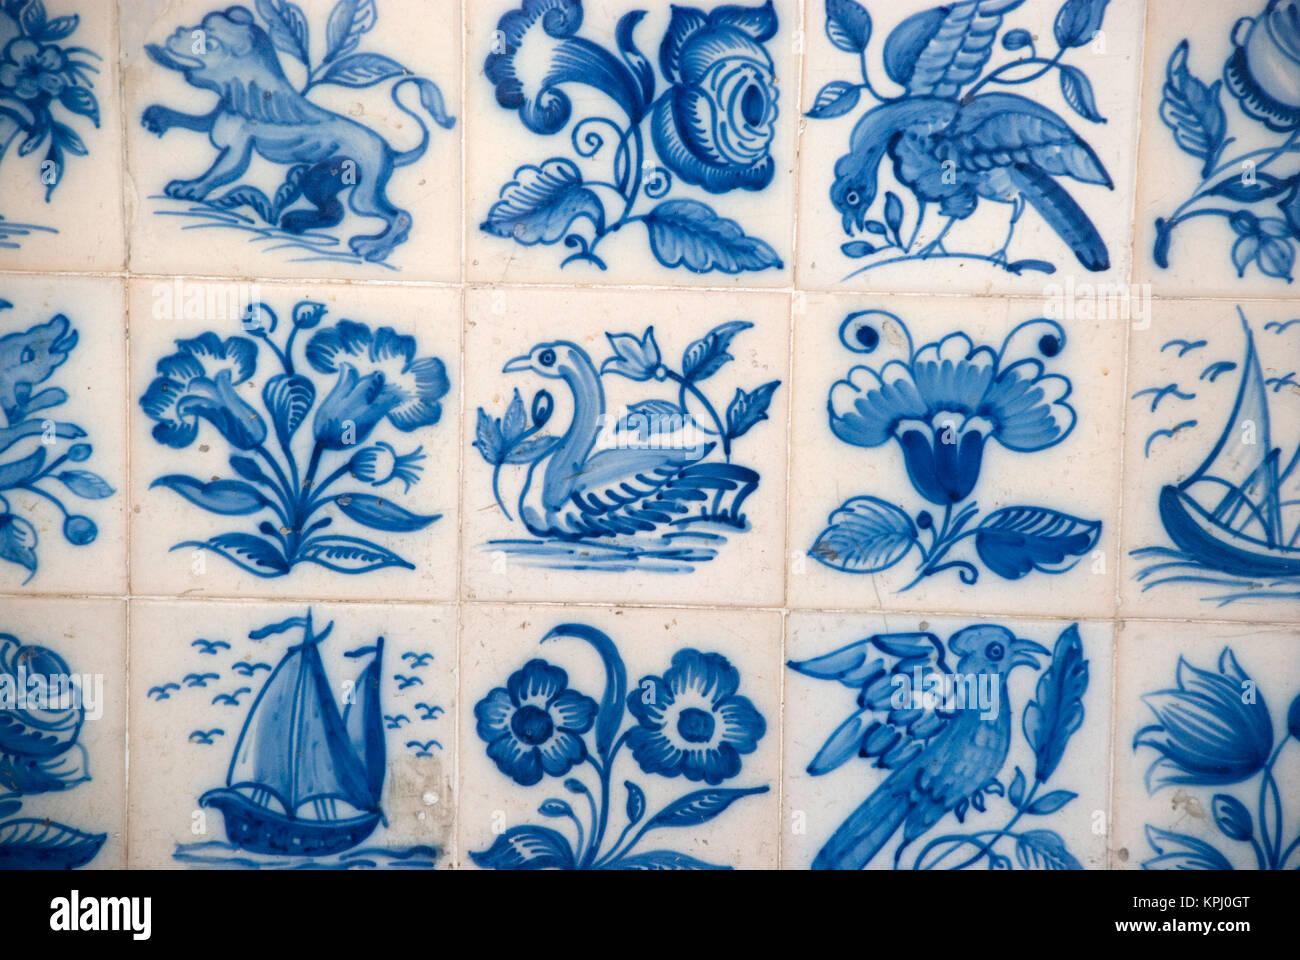 Portugiesische Fliesen Azulejos In Blau Und Weiß Stock Photo - Portugiesische fliesen azulejos